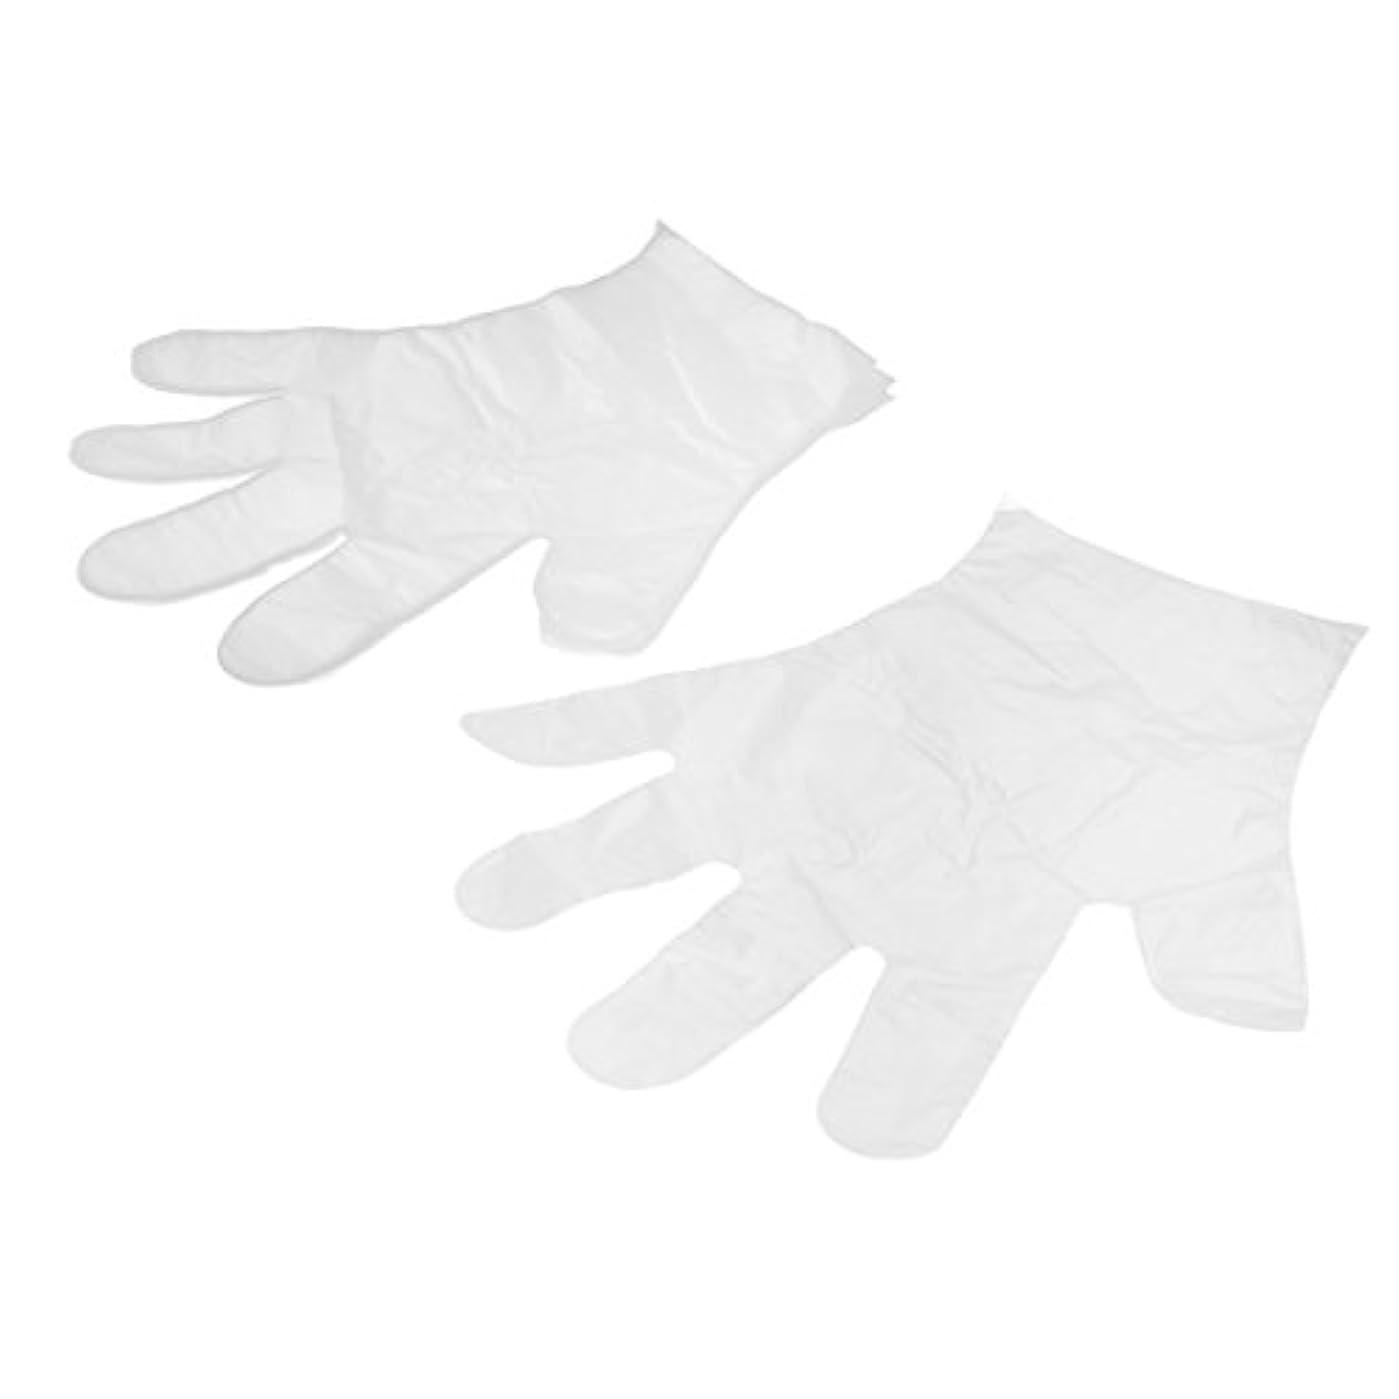 特徴挨拶する砲兵uxcell 使い捨て手袋 家庭用 食べ物サービス 手の保護 透明 プラスチック 28 x 20cm 25ペア入り